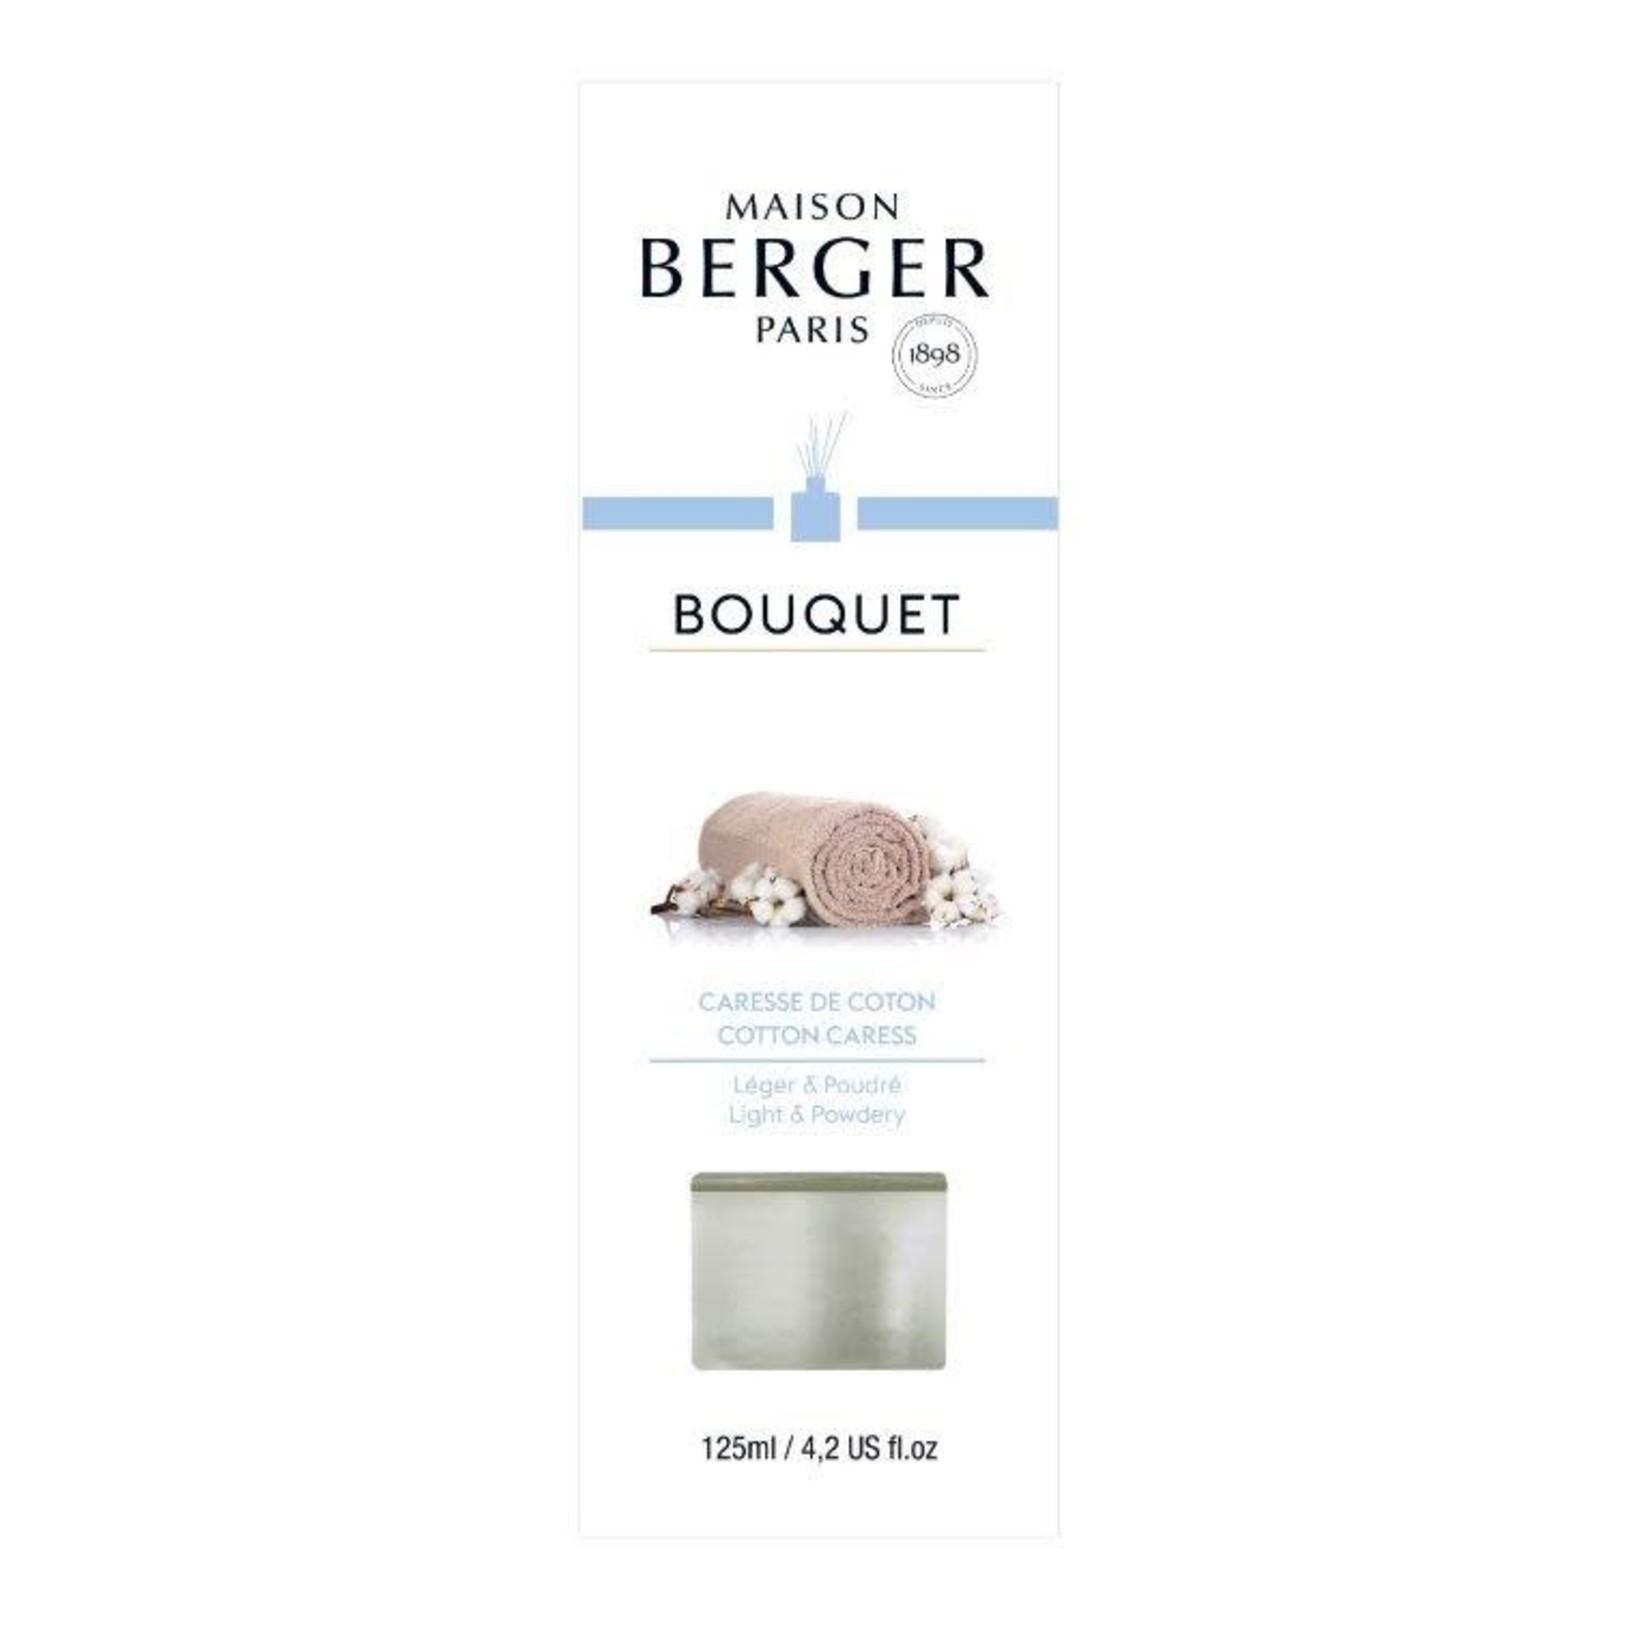 Lampe Berger Parfumverspreider met sticks Cube 125ml Caresse de coton